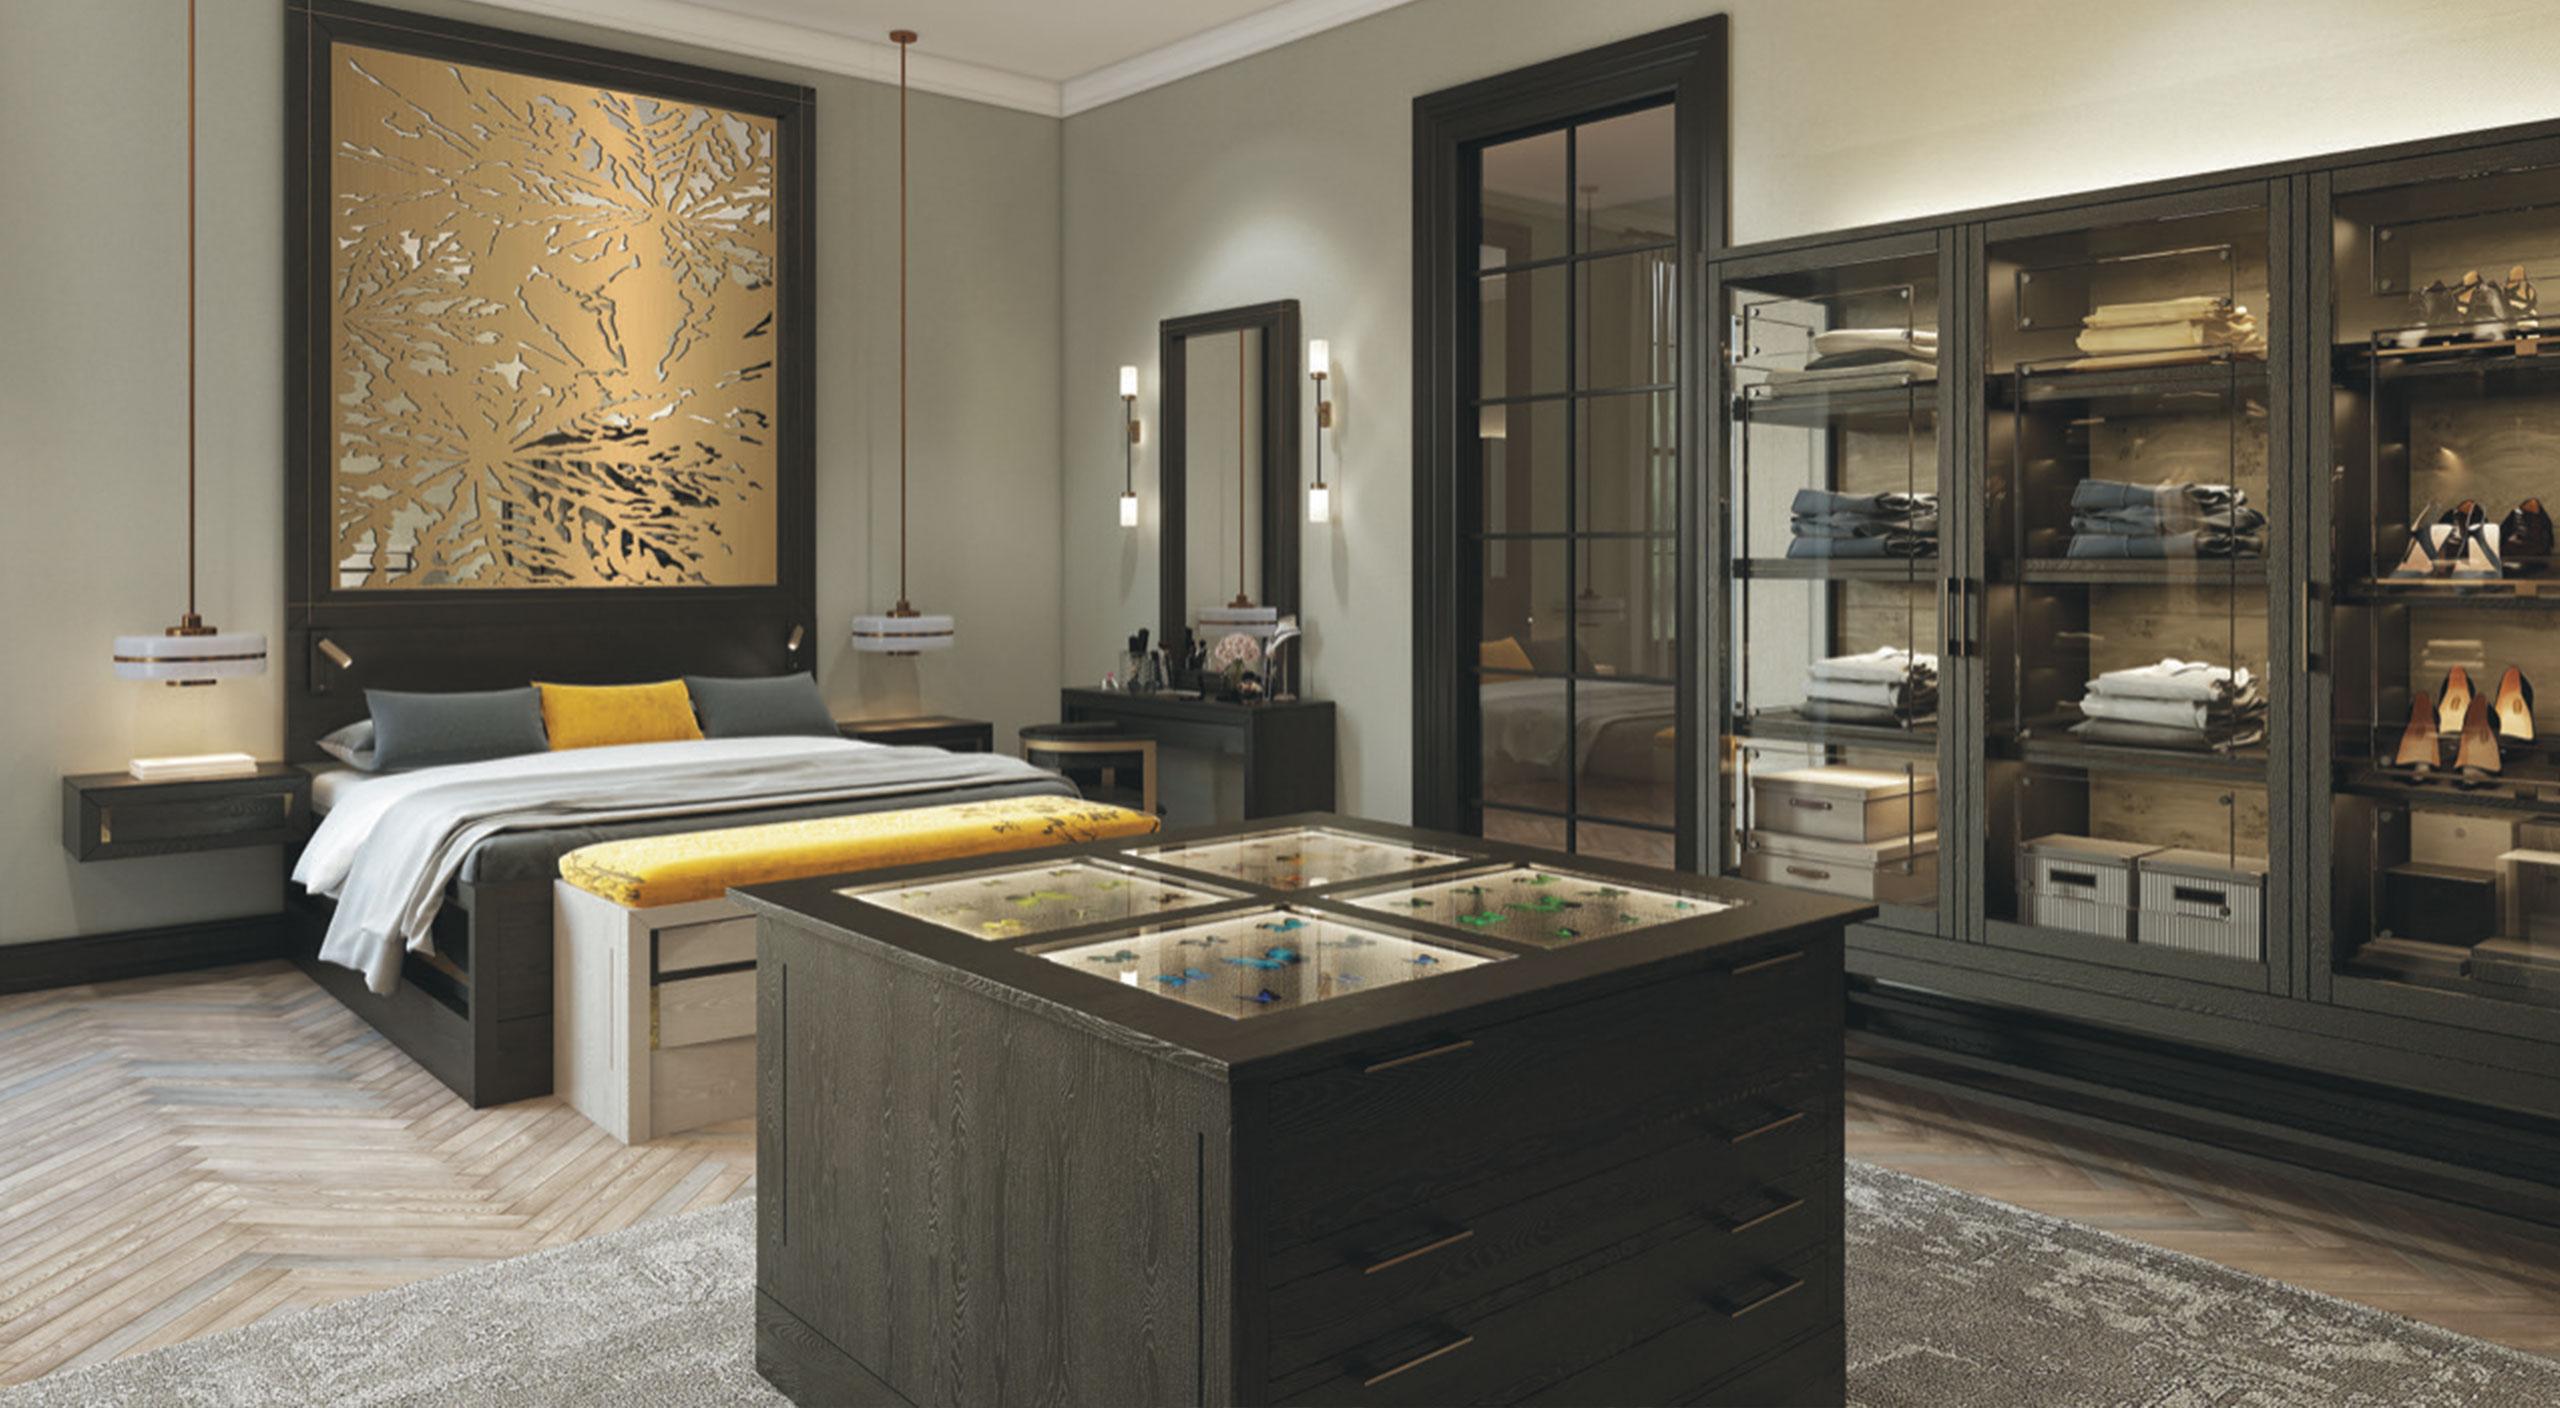 Bespoke bedroom furniture by smallbone